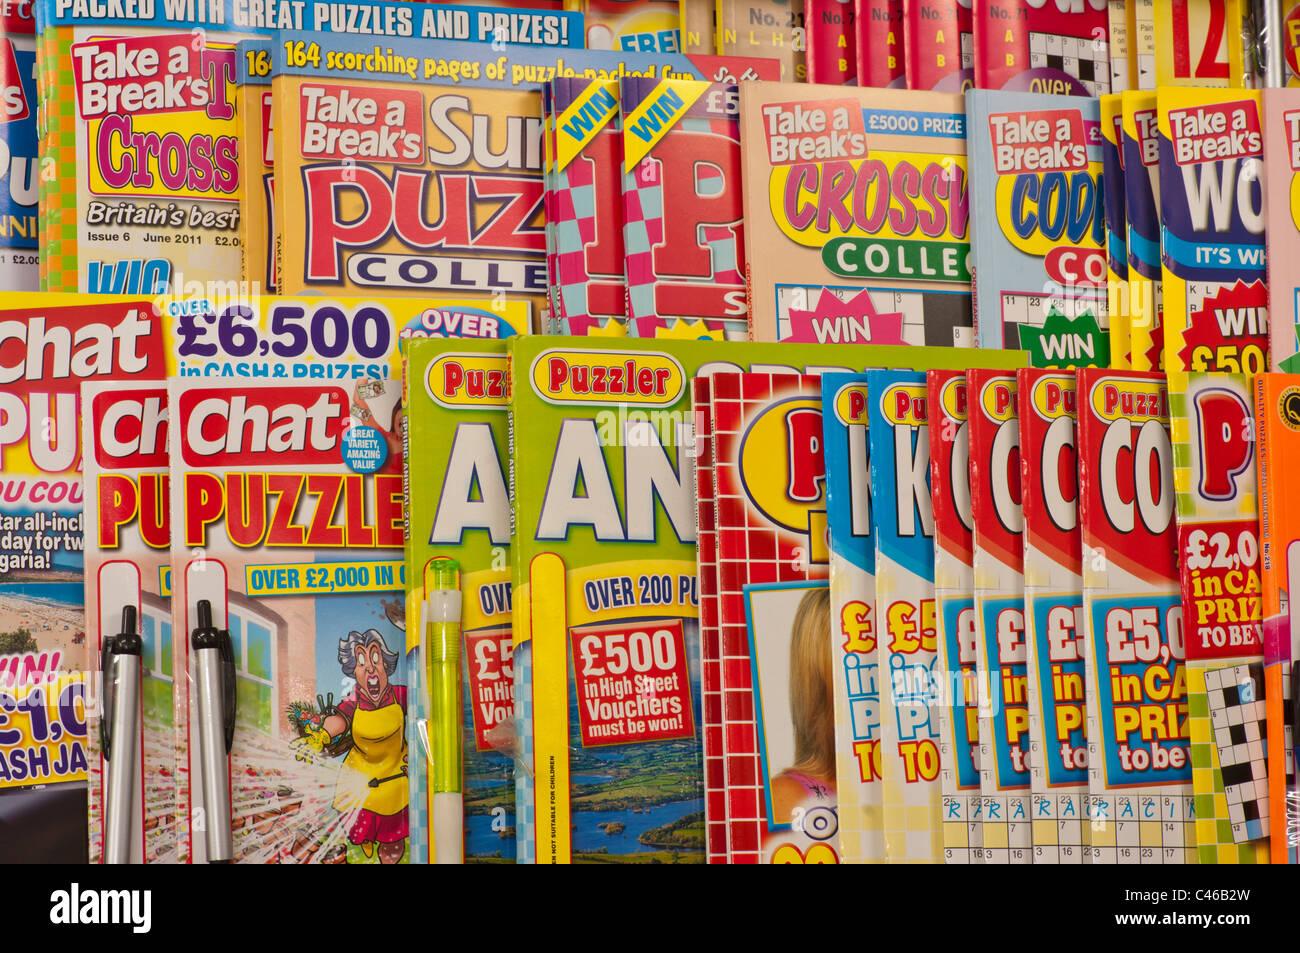 Magazines Shelves Newsagents Stock Photos & Magazines ...